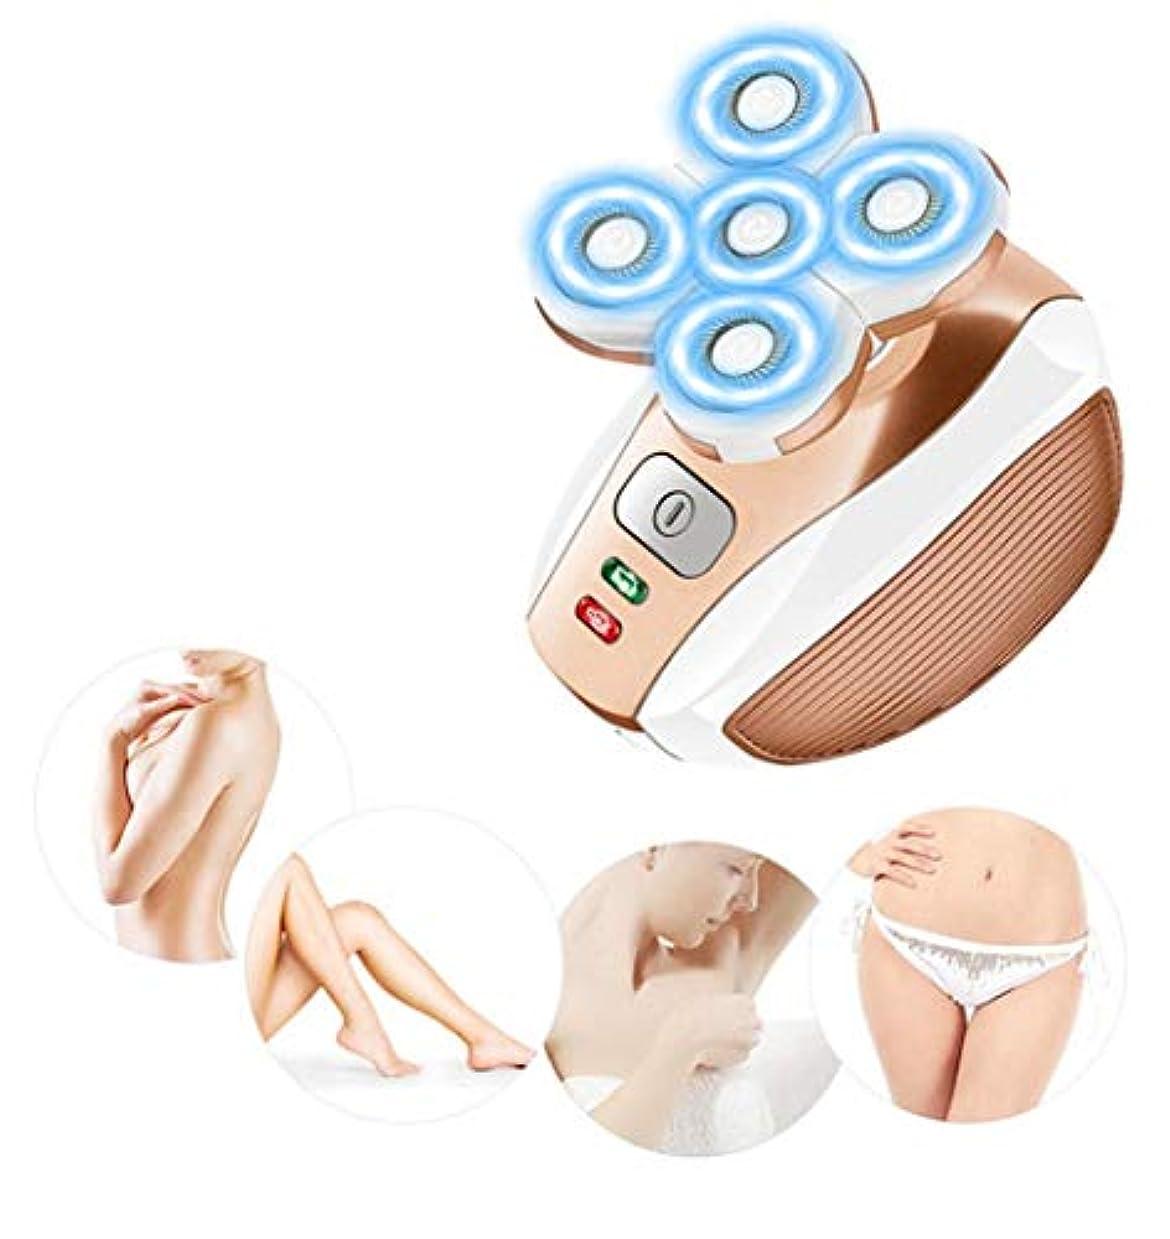 フラップまともな反毒ヘアリムーバー女性、ピーチファズ/フェイシャルヘア/リップ/チン用ポータブル電気かみそり、防水USB充電式レディーシェーバー